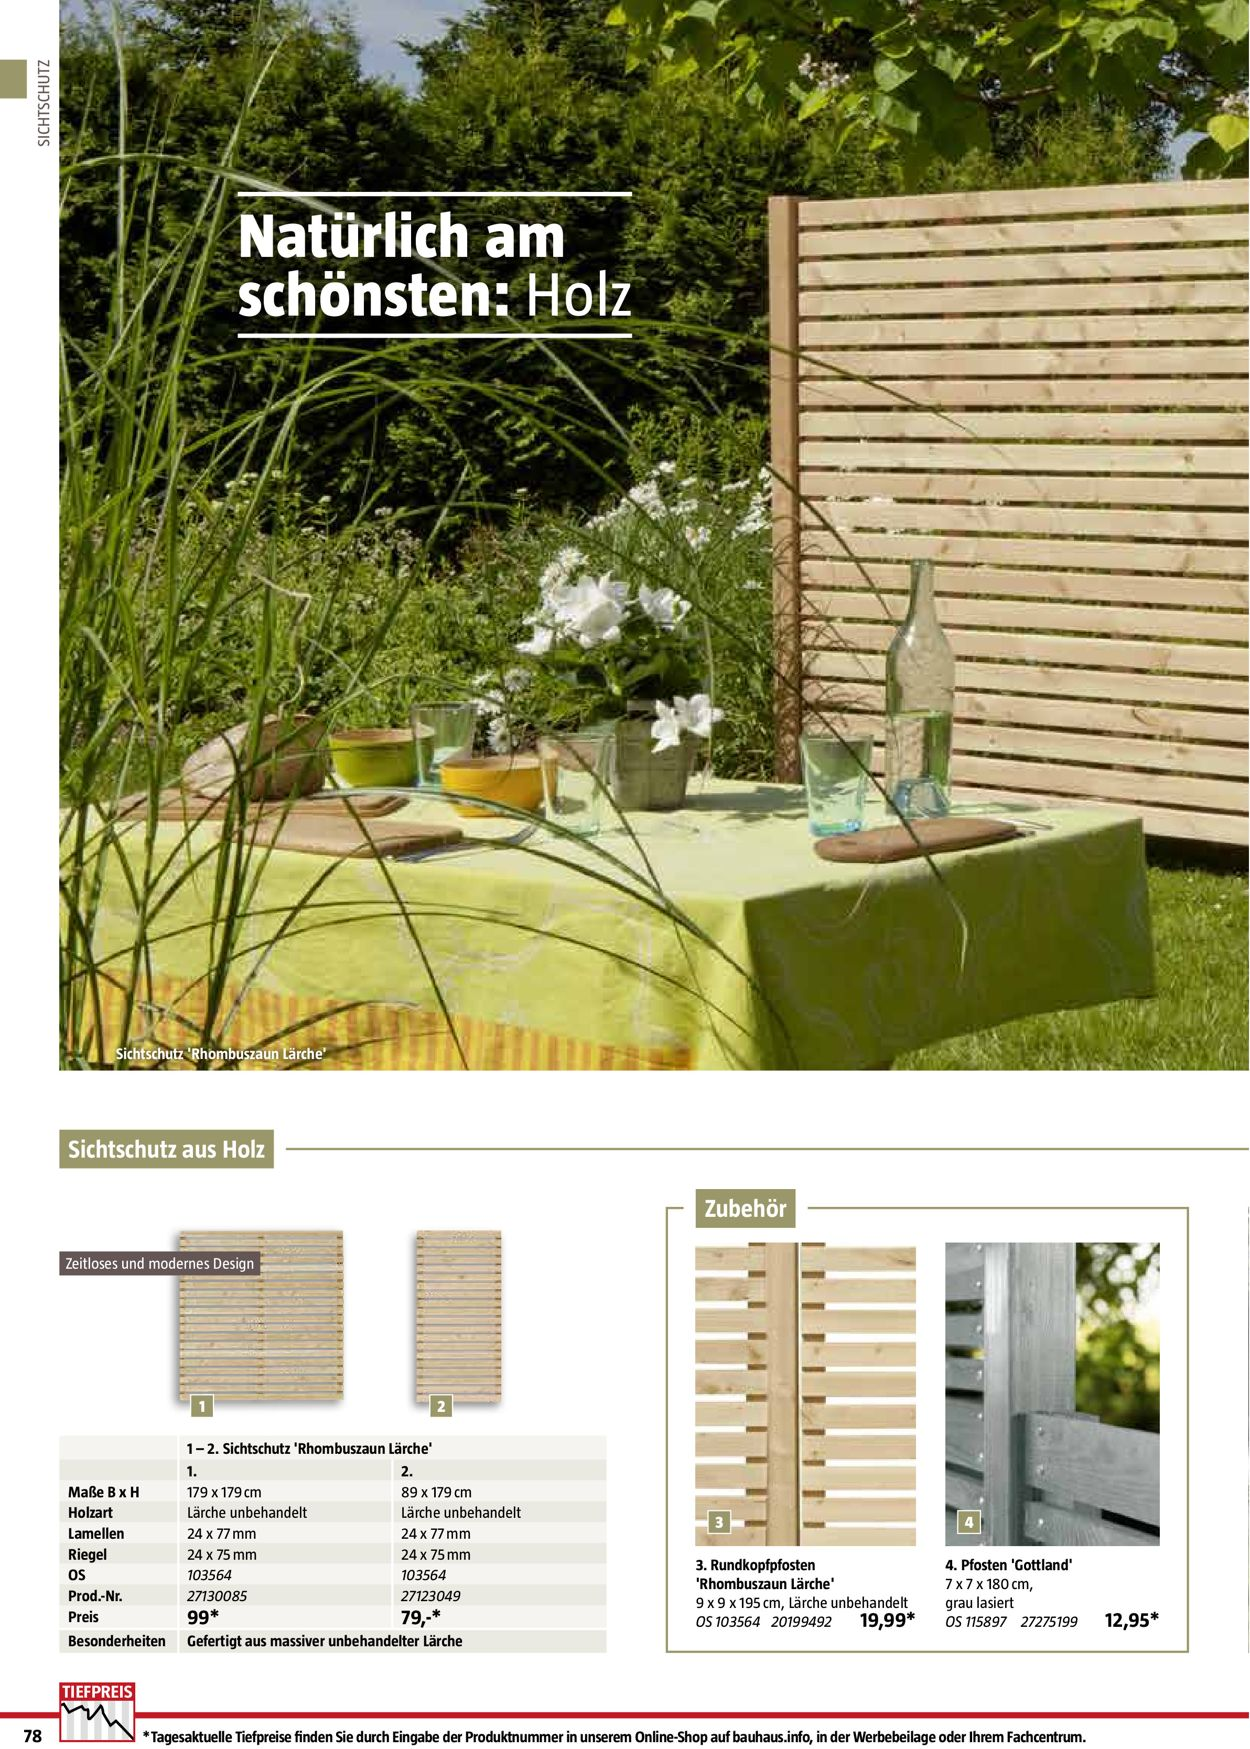 Bauhaus Aktueller Prospekt 01 01 01 09 2020 78 Jedewoche